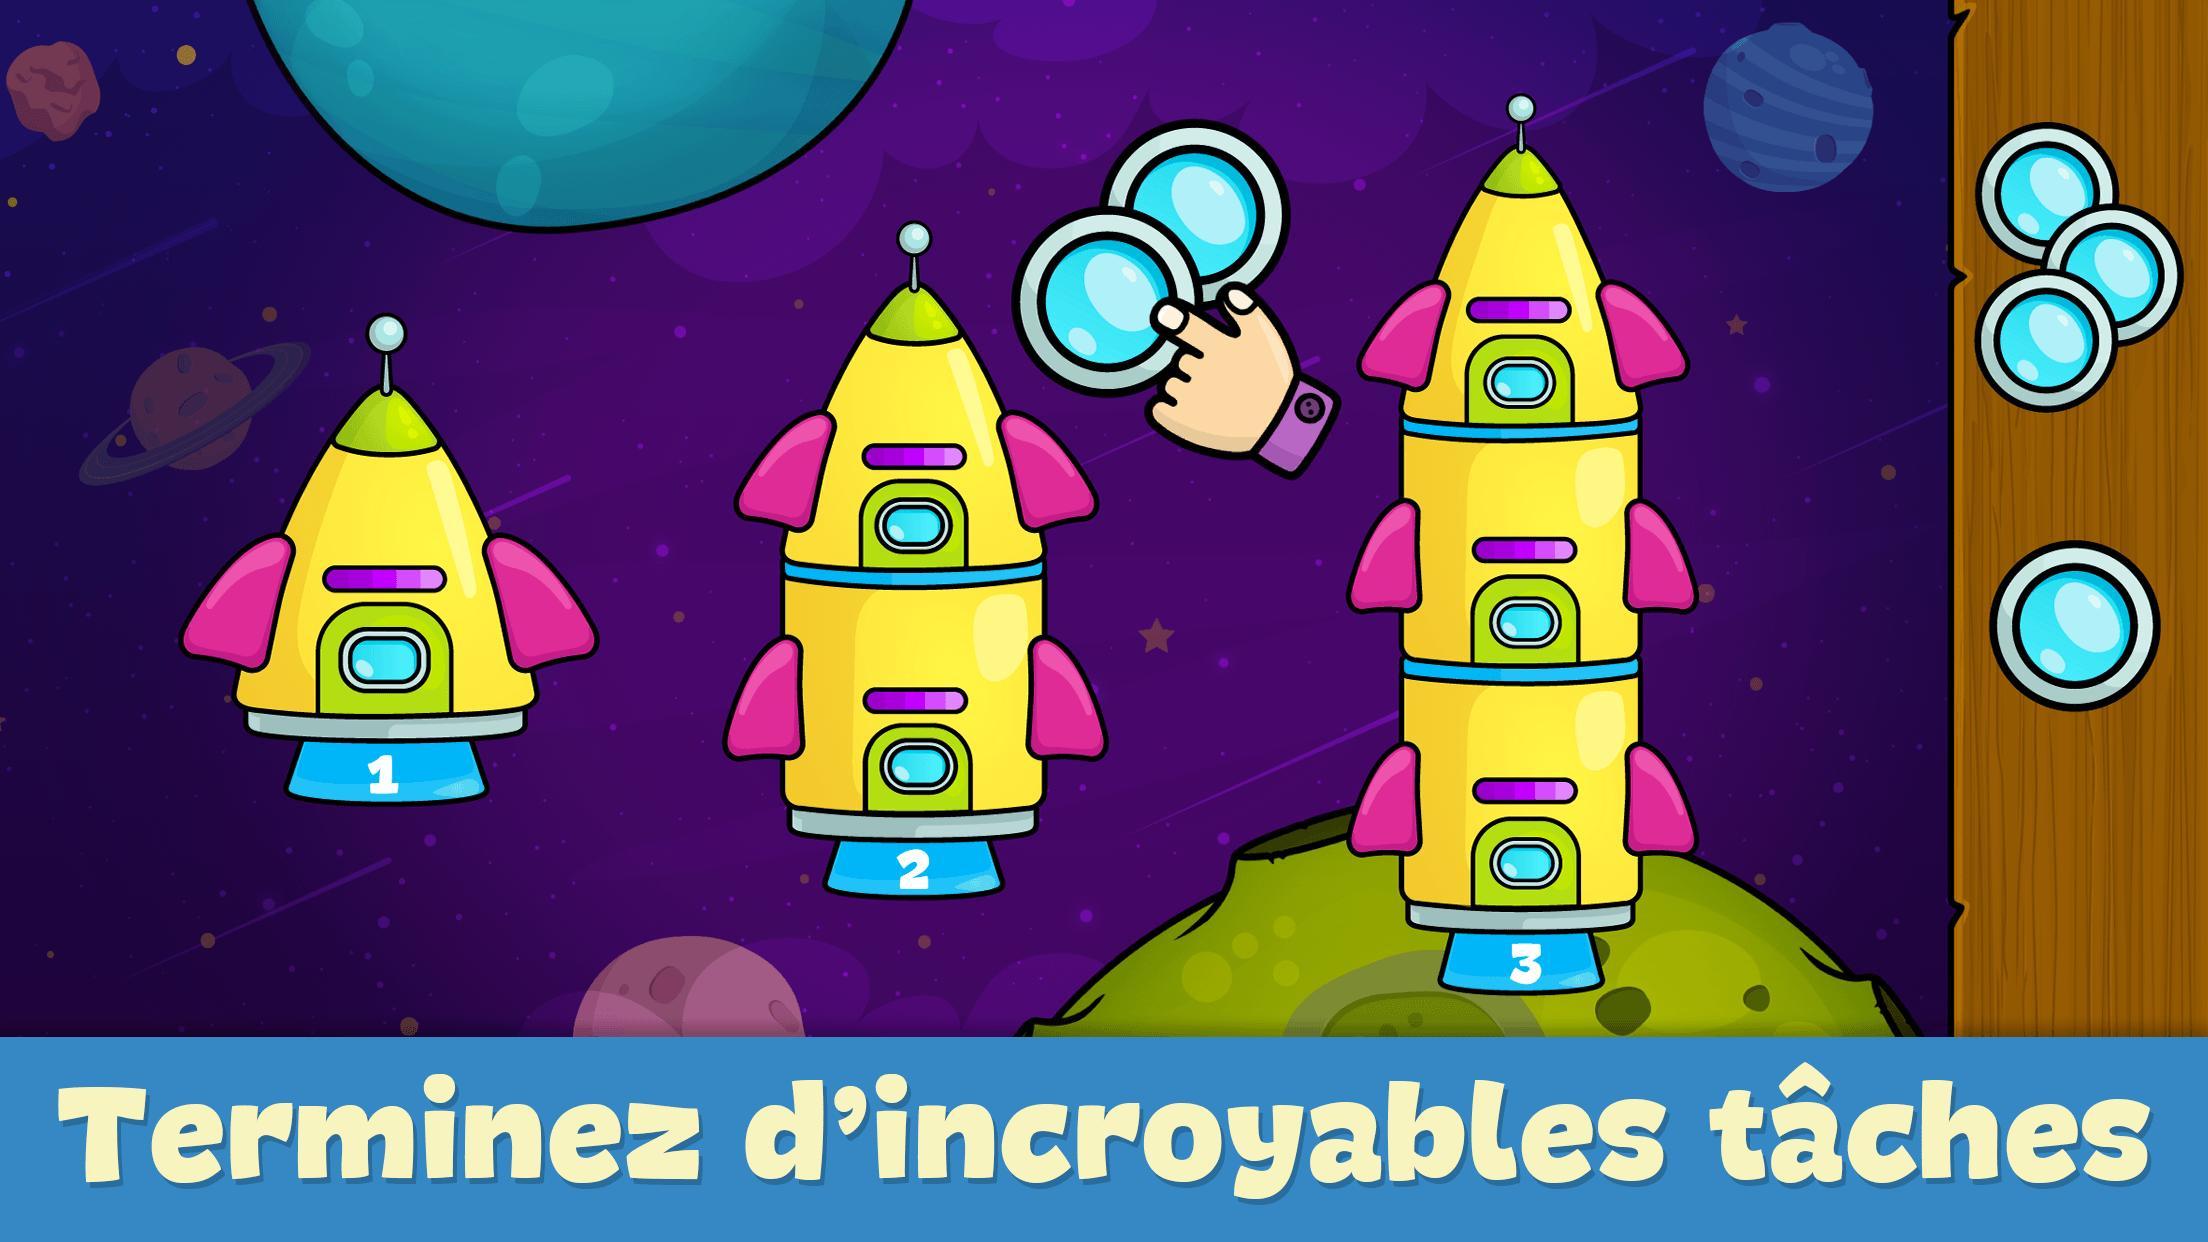 Jeux Pour Enfants 2 - 5 Ans Pour Android - Téléchargez L'apk concernant Jeux Pour Enfant De 3 Ans